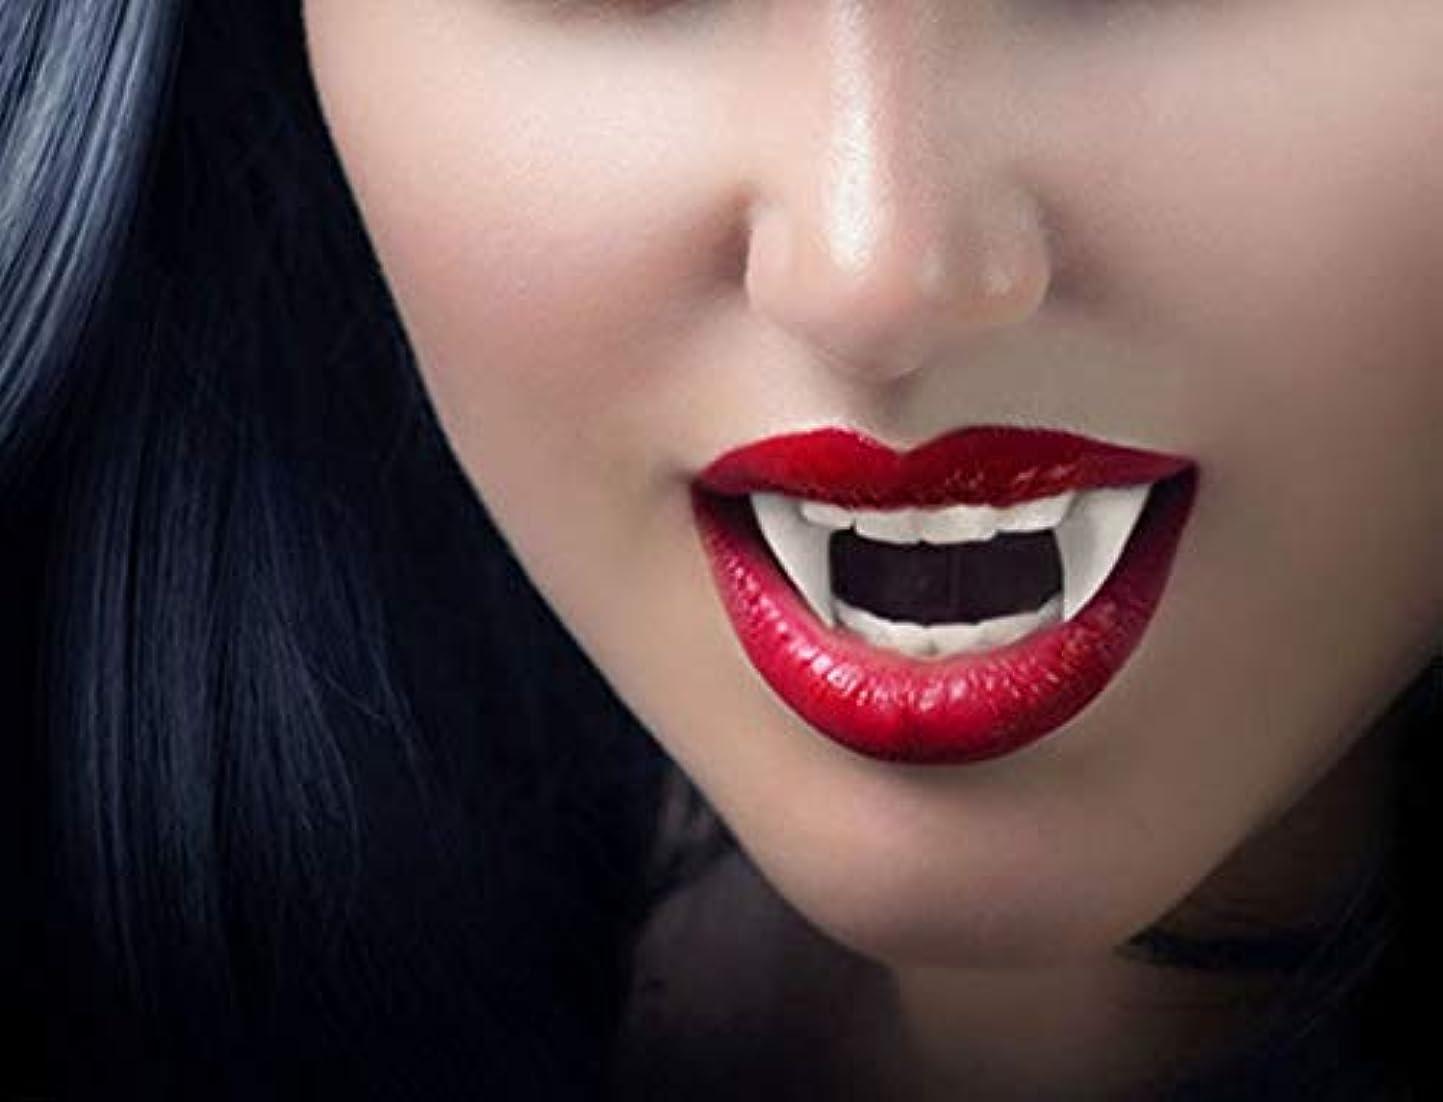 切り下げ良性ヘッジハロウィンキャラクタードレスアップホワイト入れ歯ゾンビヴァンパイア義歯パーティーパーティーバーパーティーの小道具